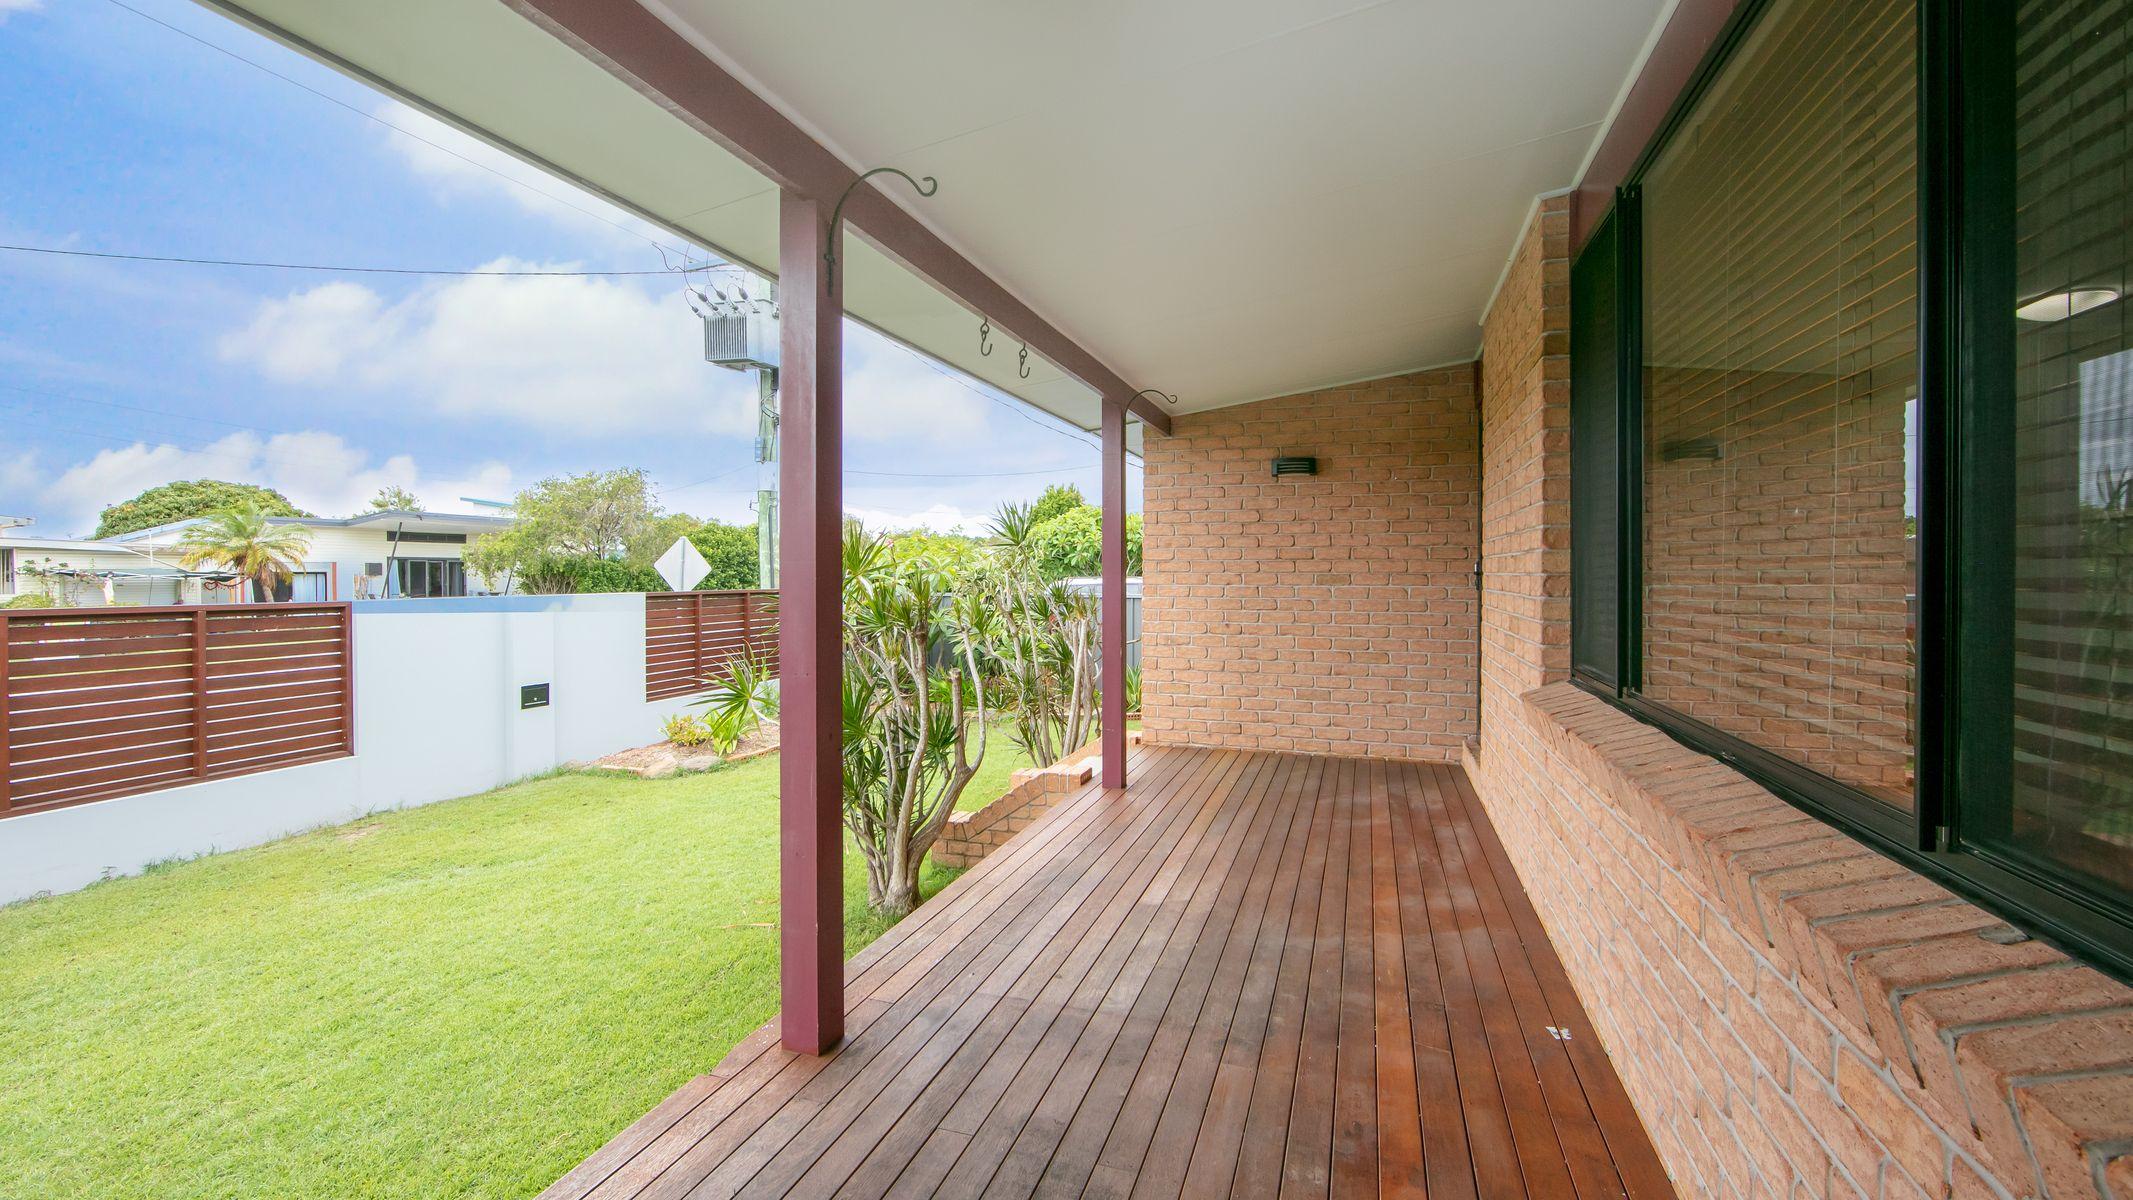 248A Yamba Road, Yamba, NSW 2464